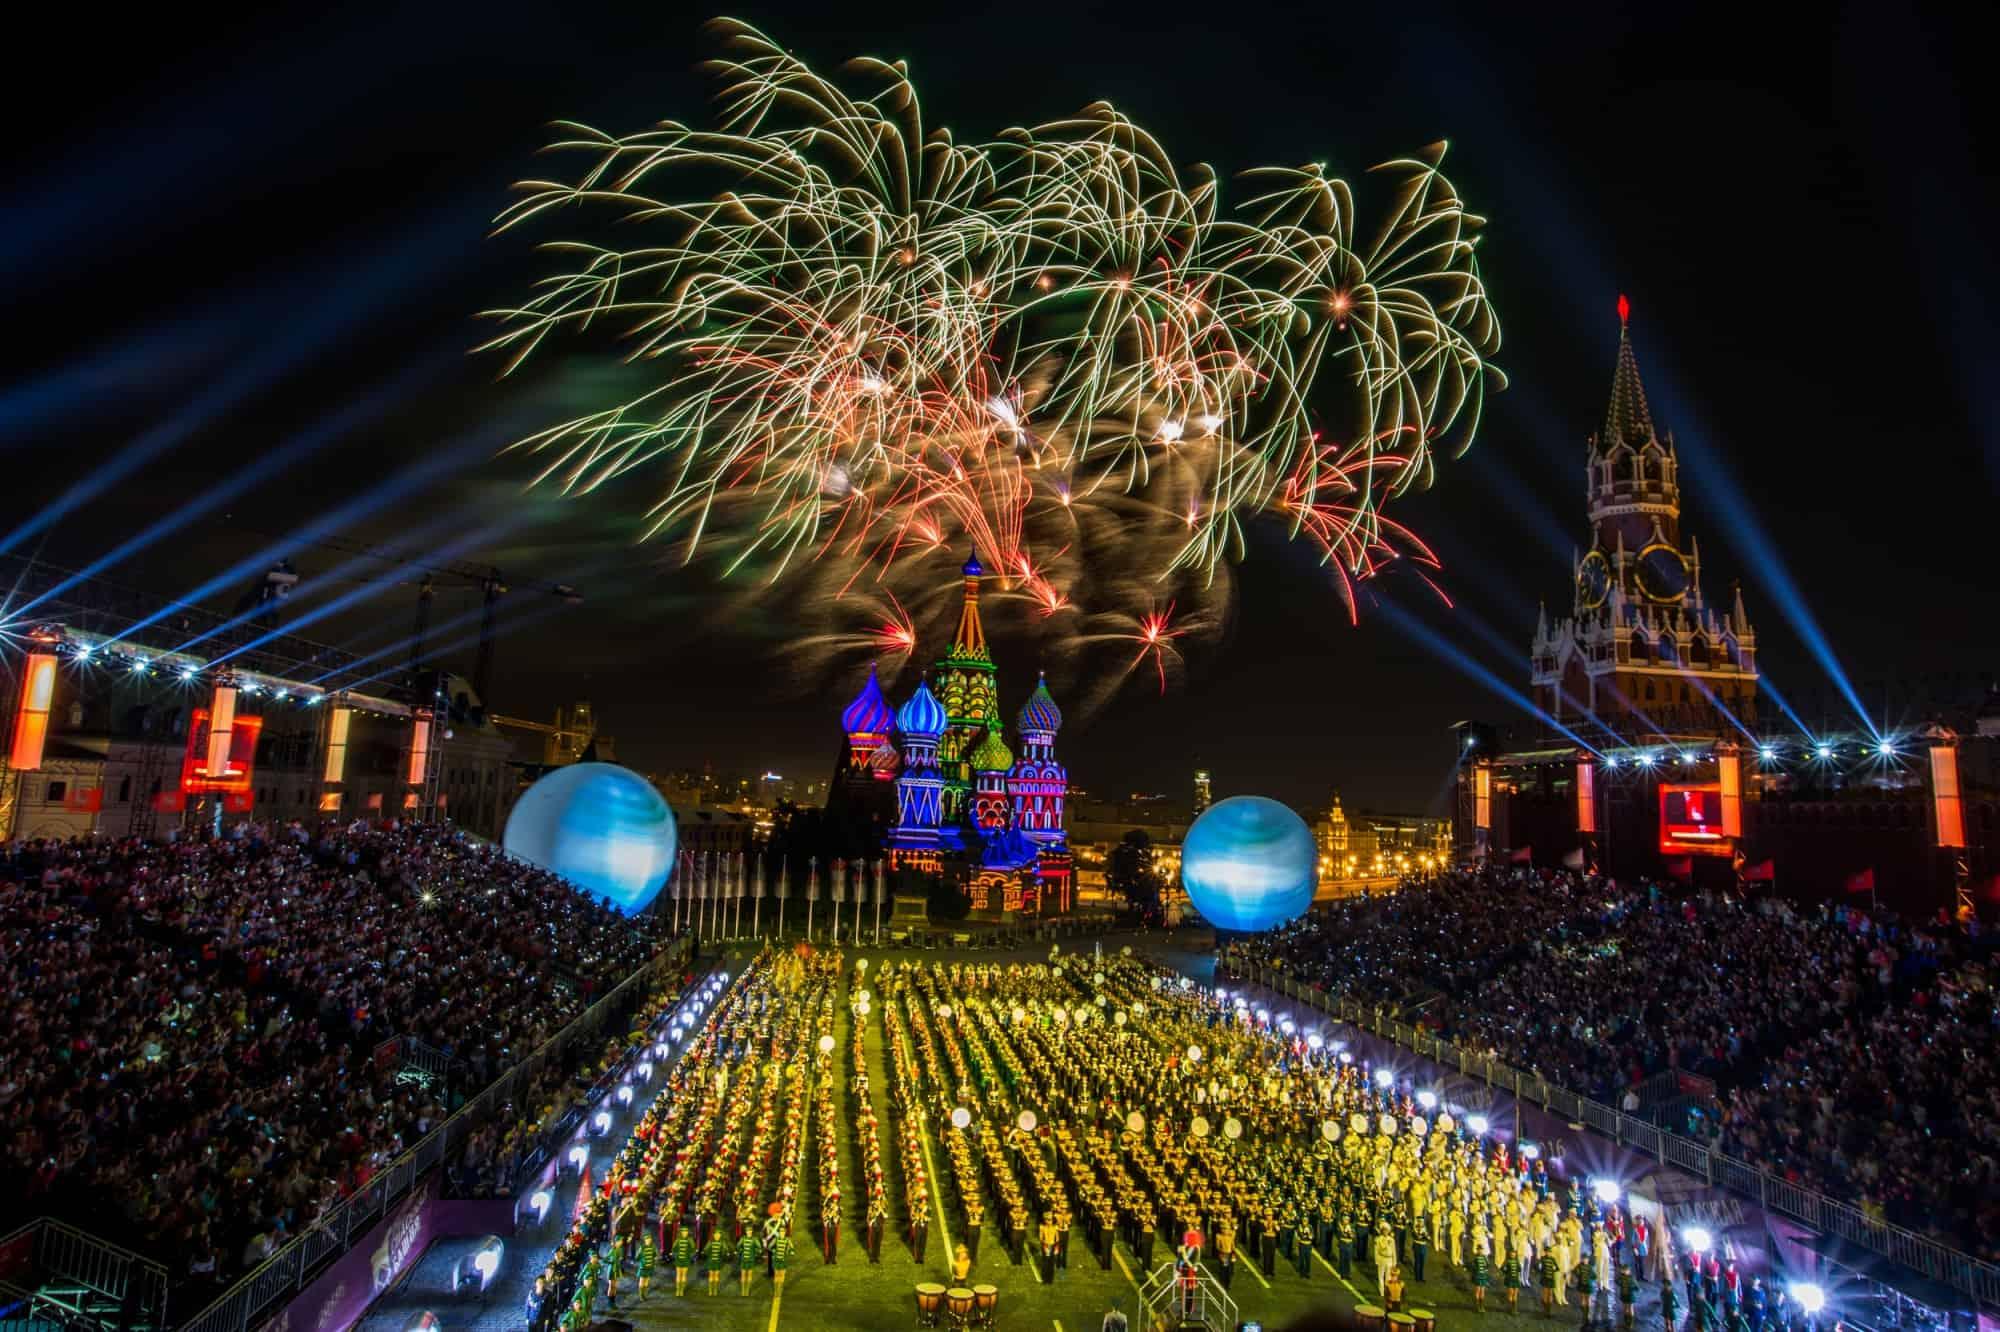 В Москве выступят оркестры разных стран В Москве выступят оркестры разных стран 3 31